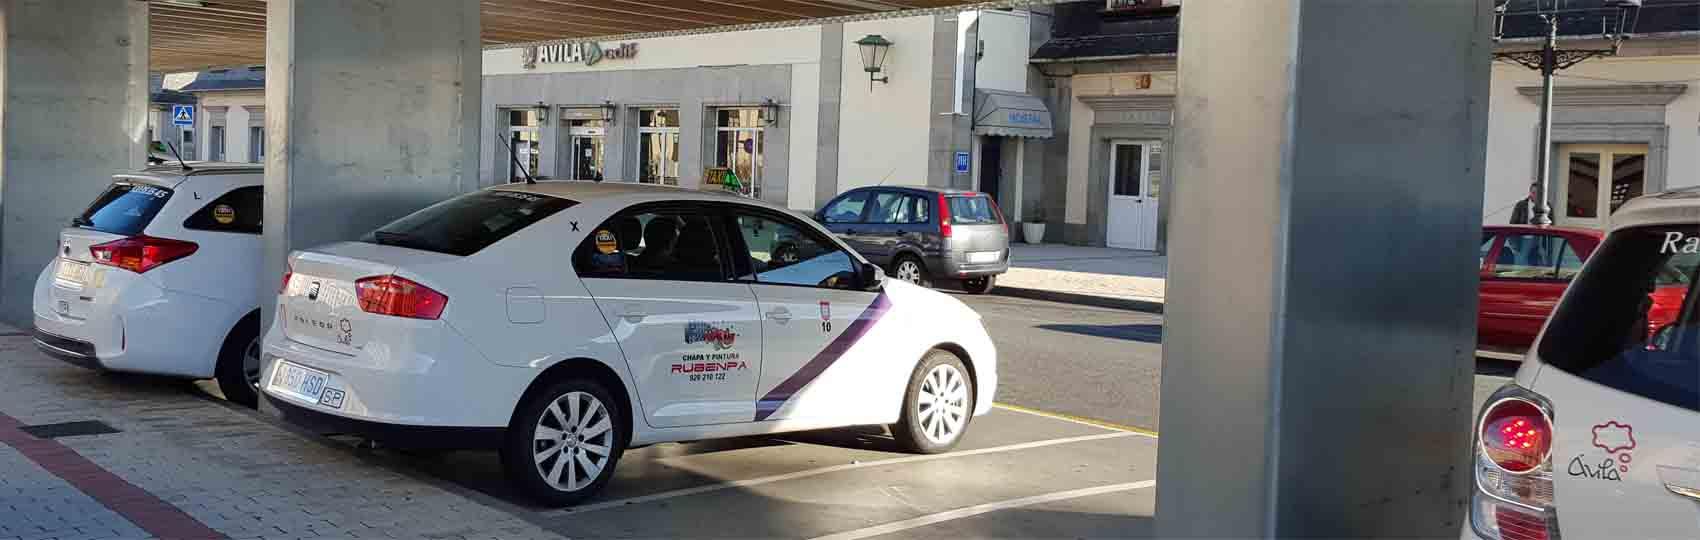 Noticias del sector del taxi y la movilidad en Ávila. Mantente informado de todas las noticias del taxi de Ávila en el grupo de Facebook de Todo Taxi.